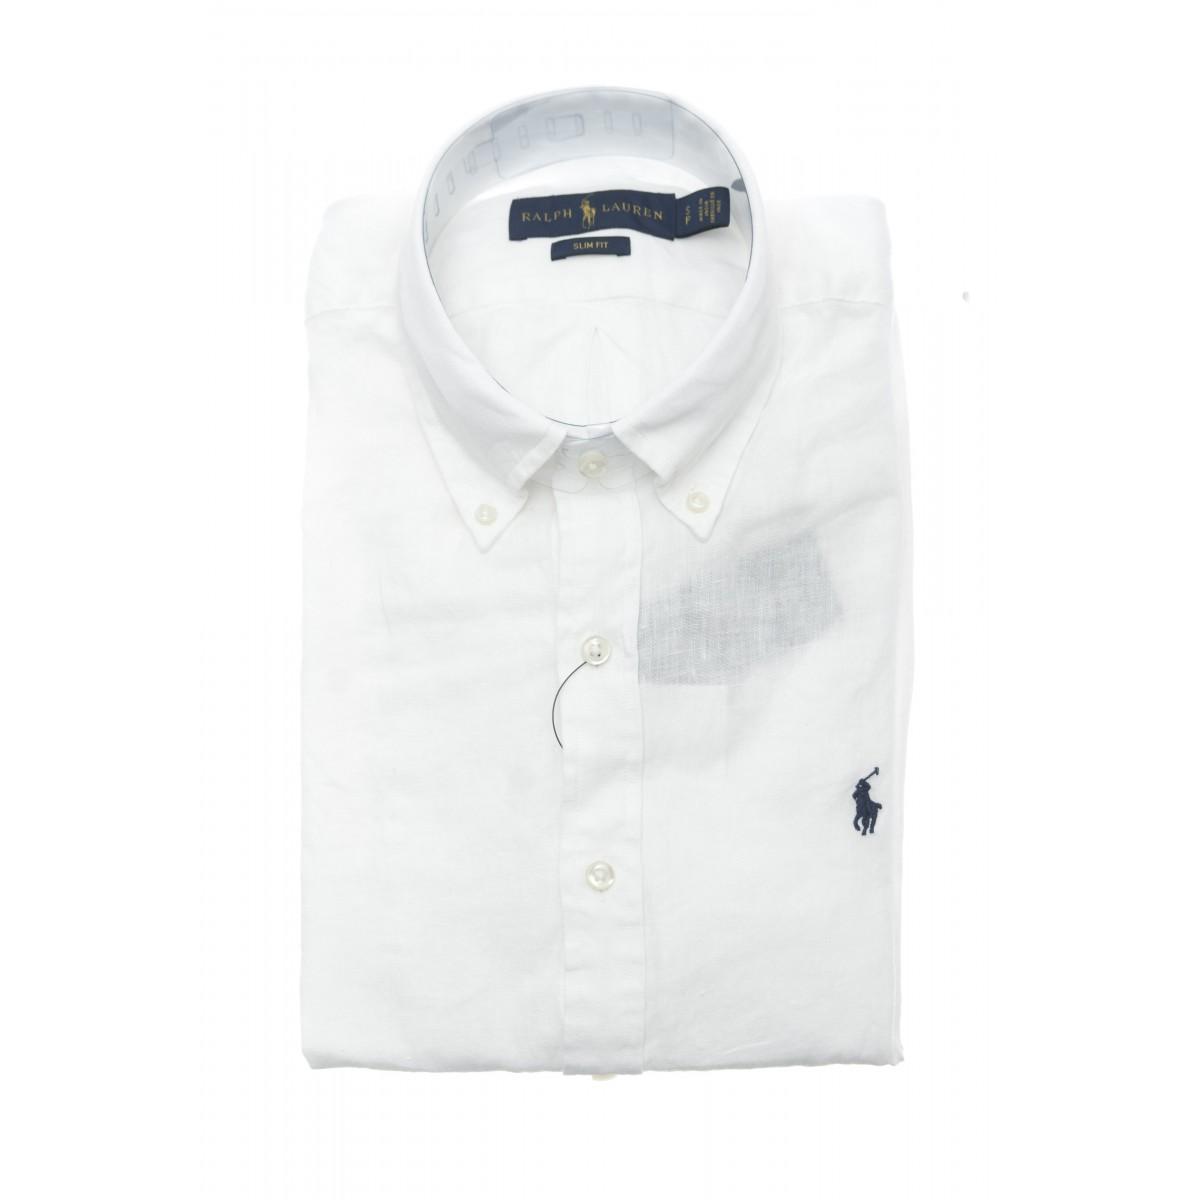 Camicia uomo - 794142 lino